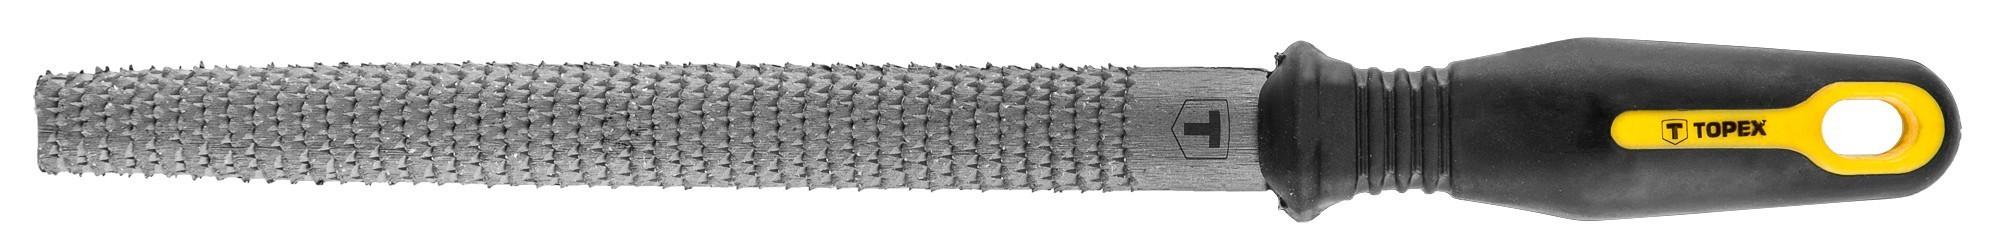 Ráspoly, fareszelõ 200 mm / 2 mm félkerek | TOPEX 06A832